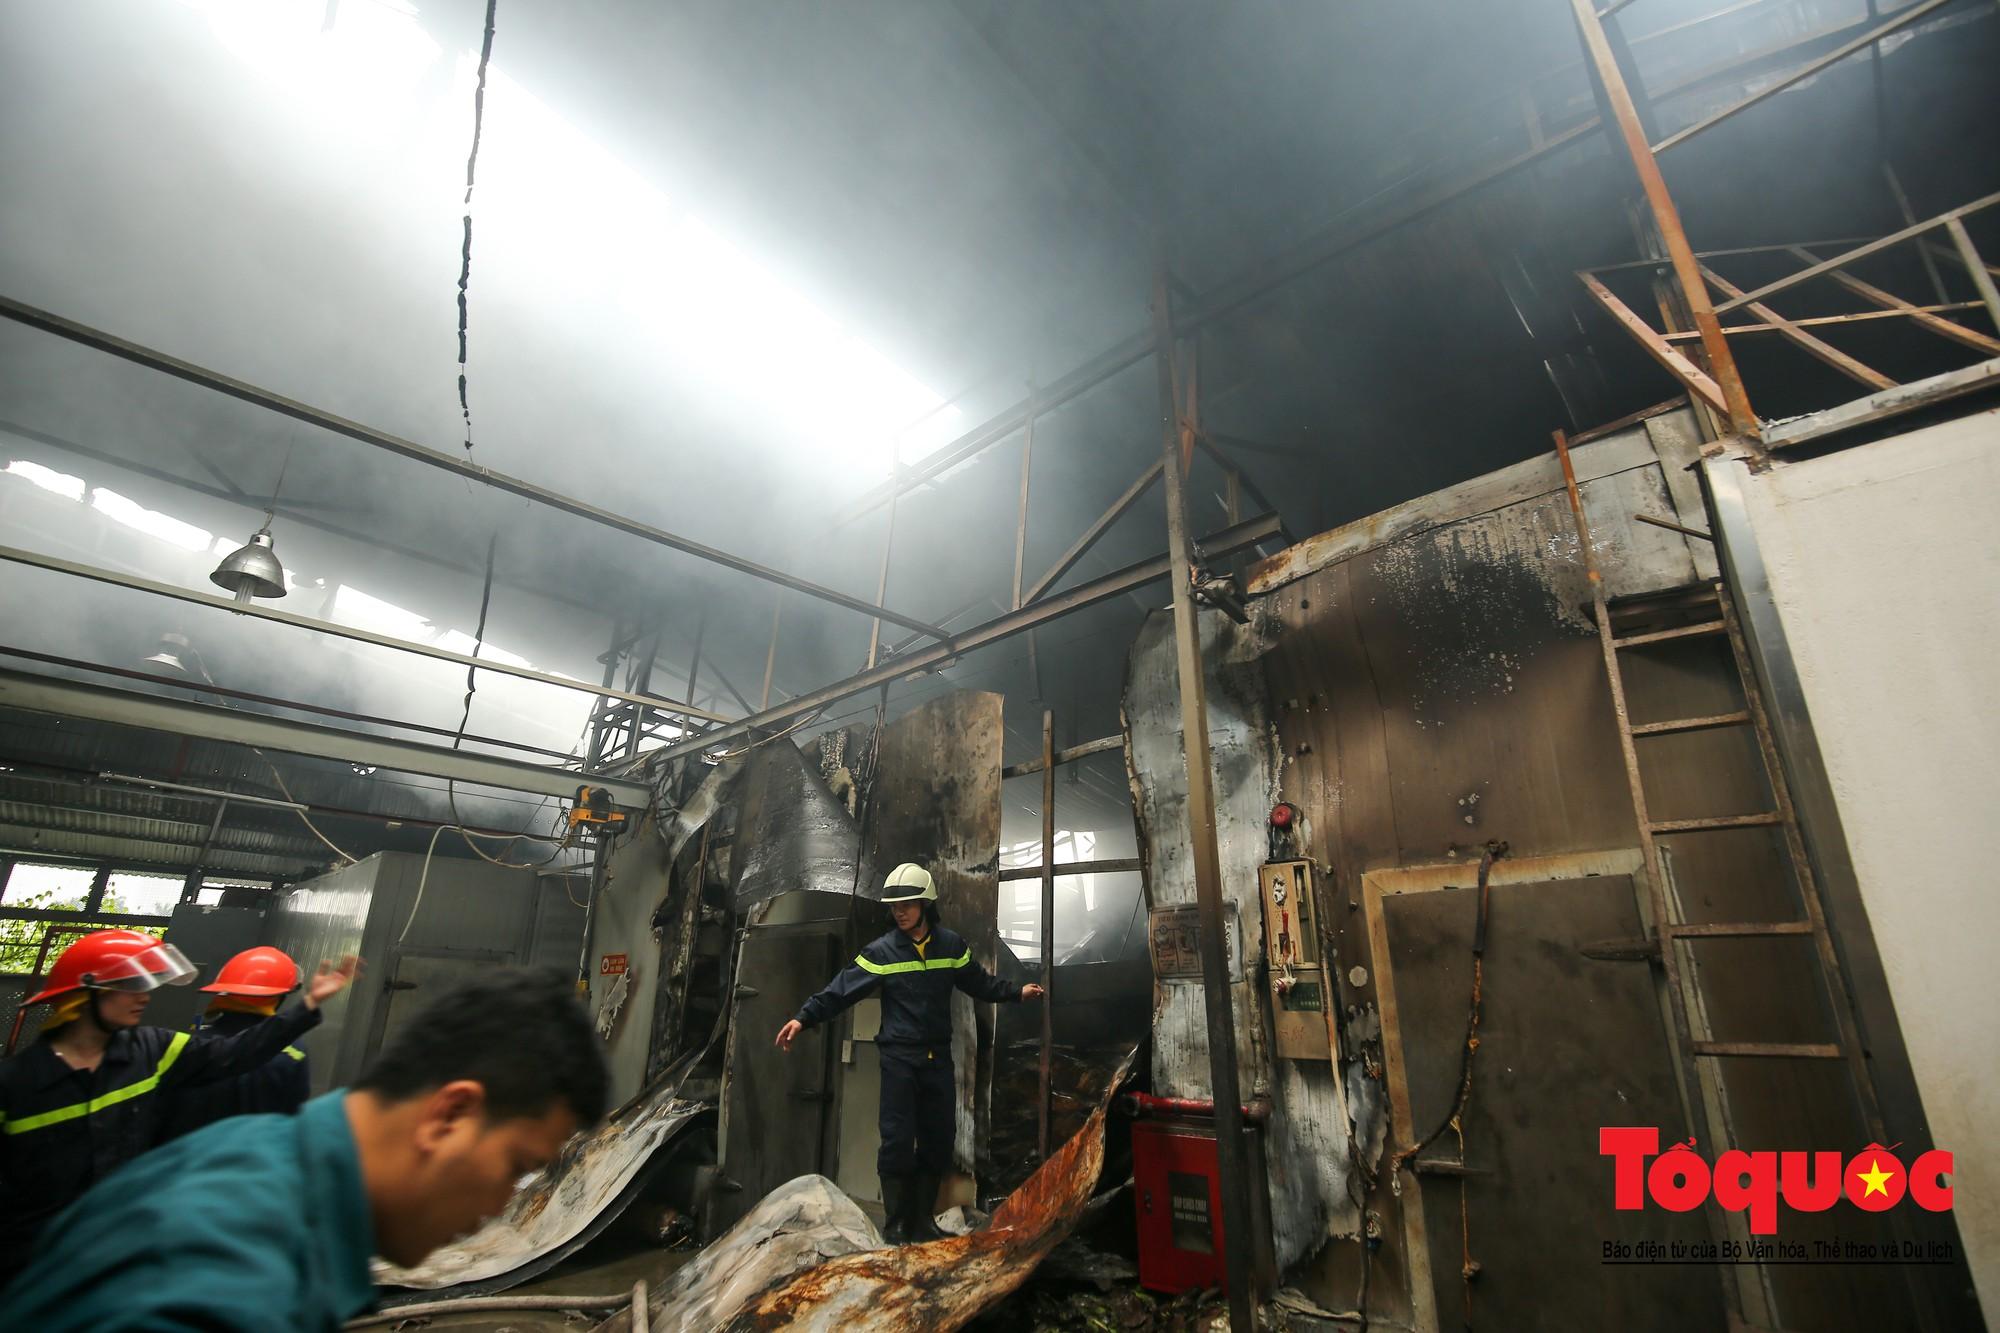 Cận cảnh hiện trường vụ Cháy thảm khốc ở Trung Văn, 8 người chết và mất tích - Ảnh 11.